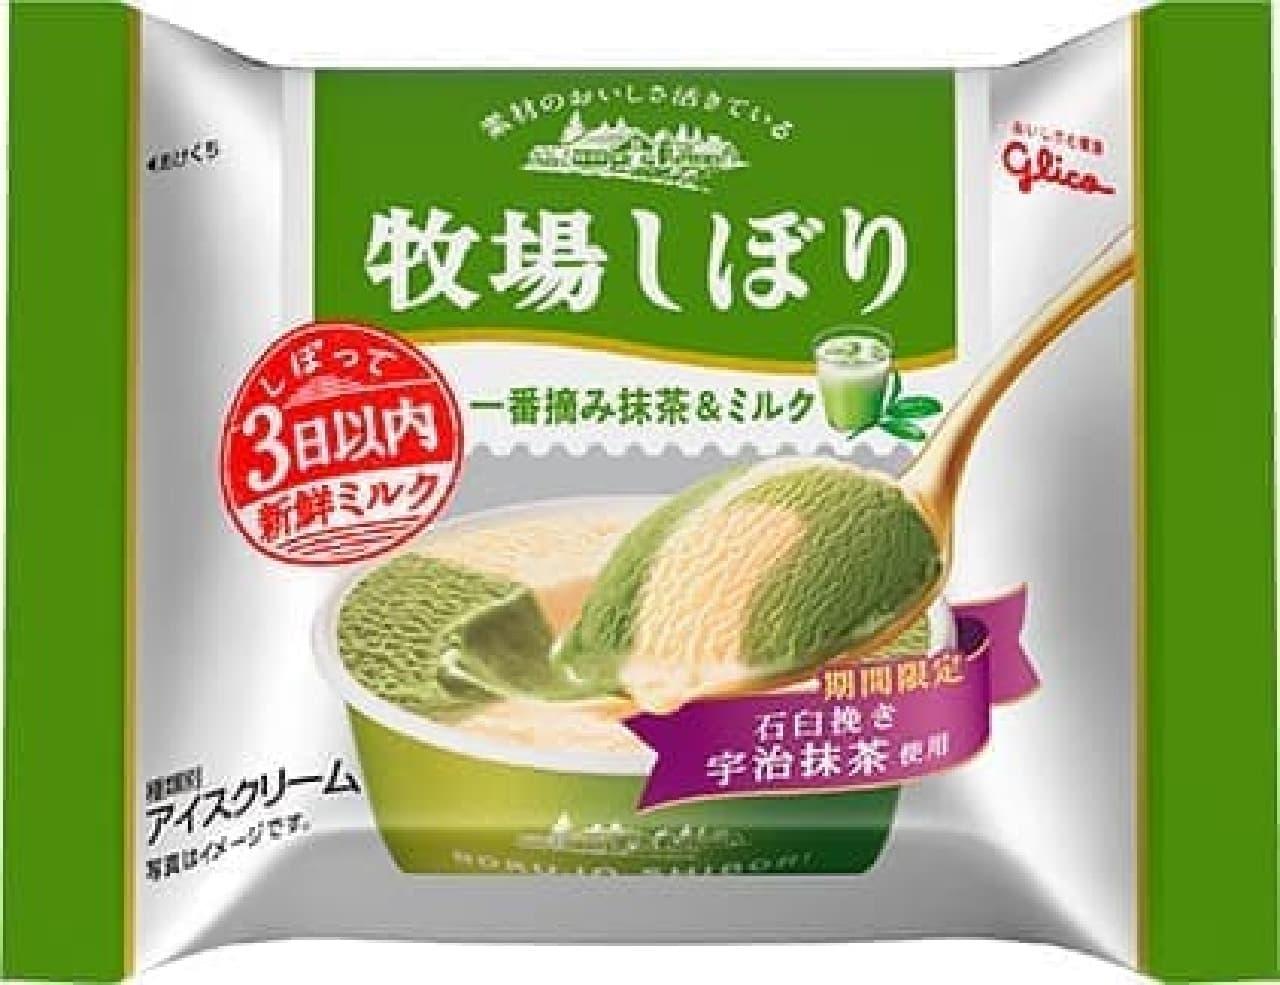 江崎グリコ「牧場しぼり 一番摘み抹茶&ミルク」